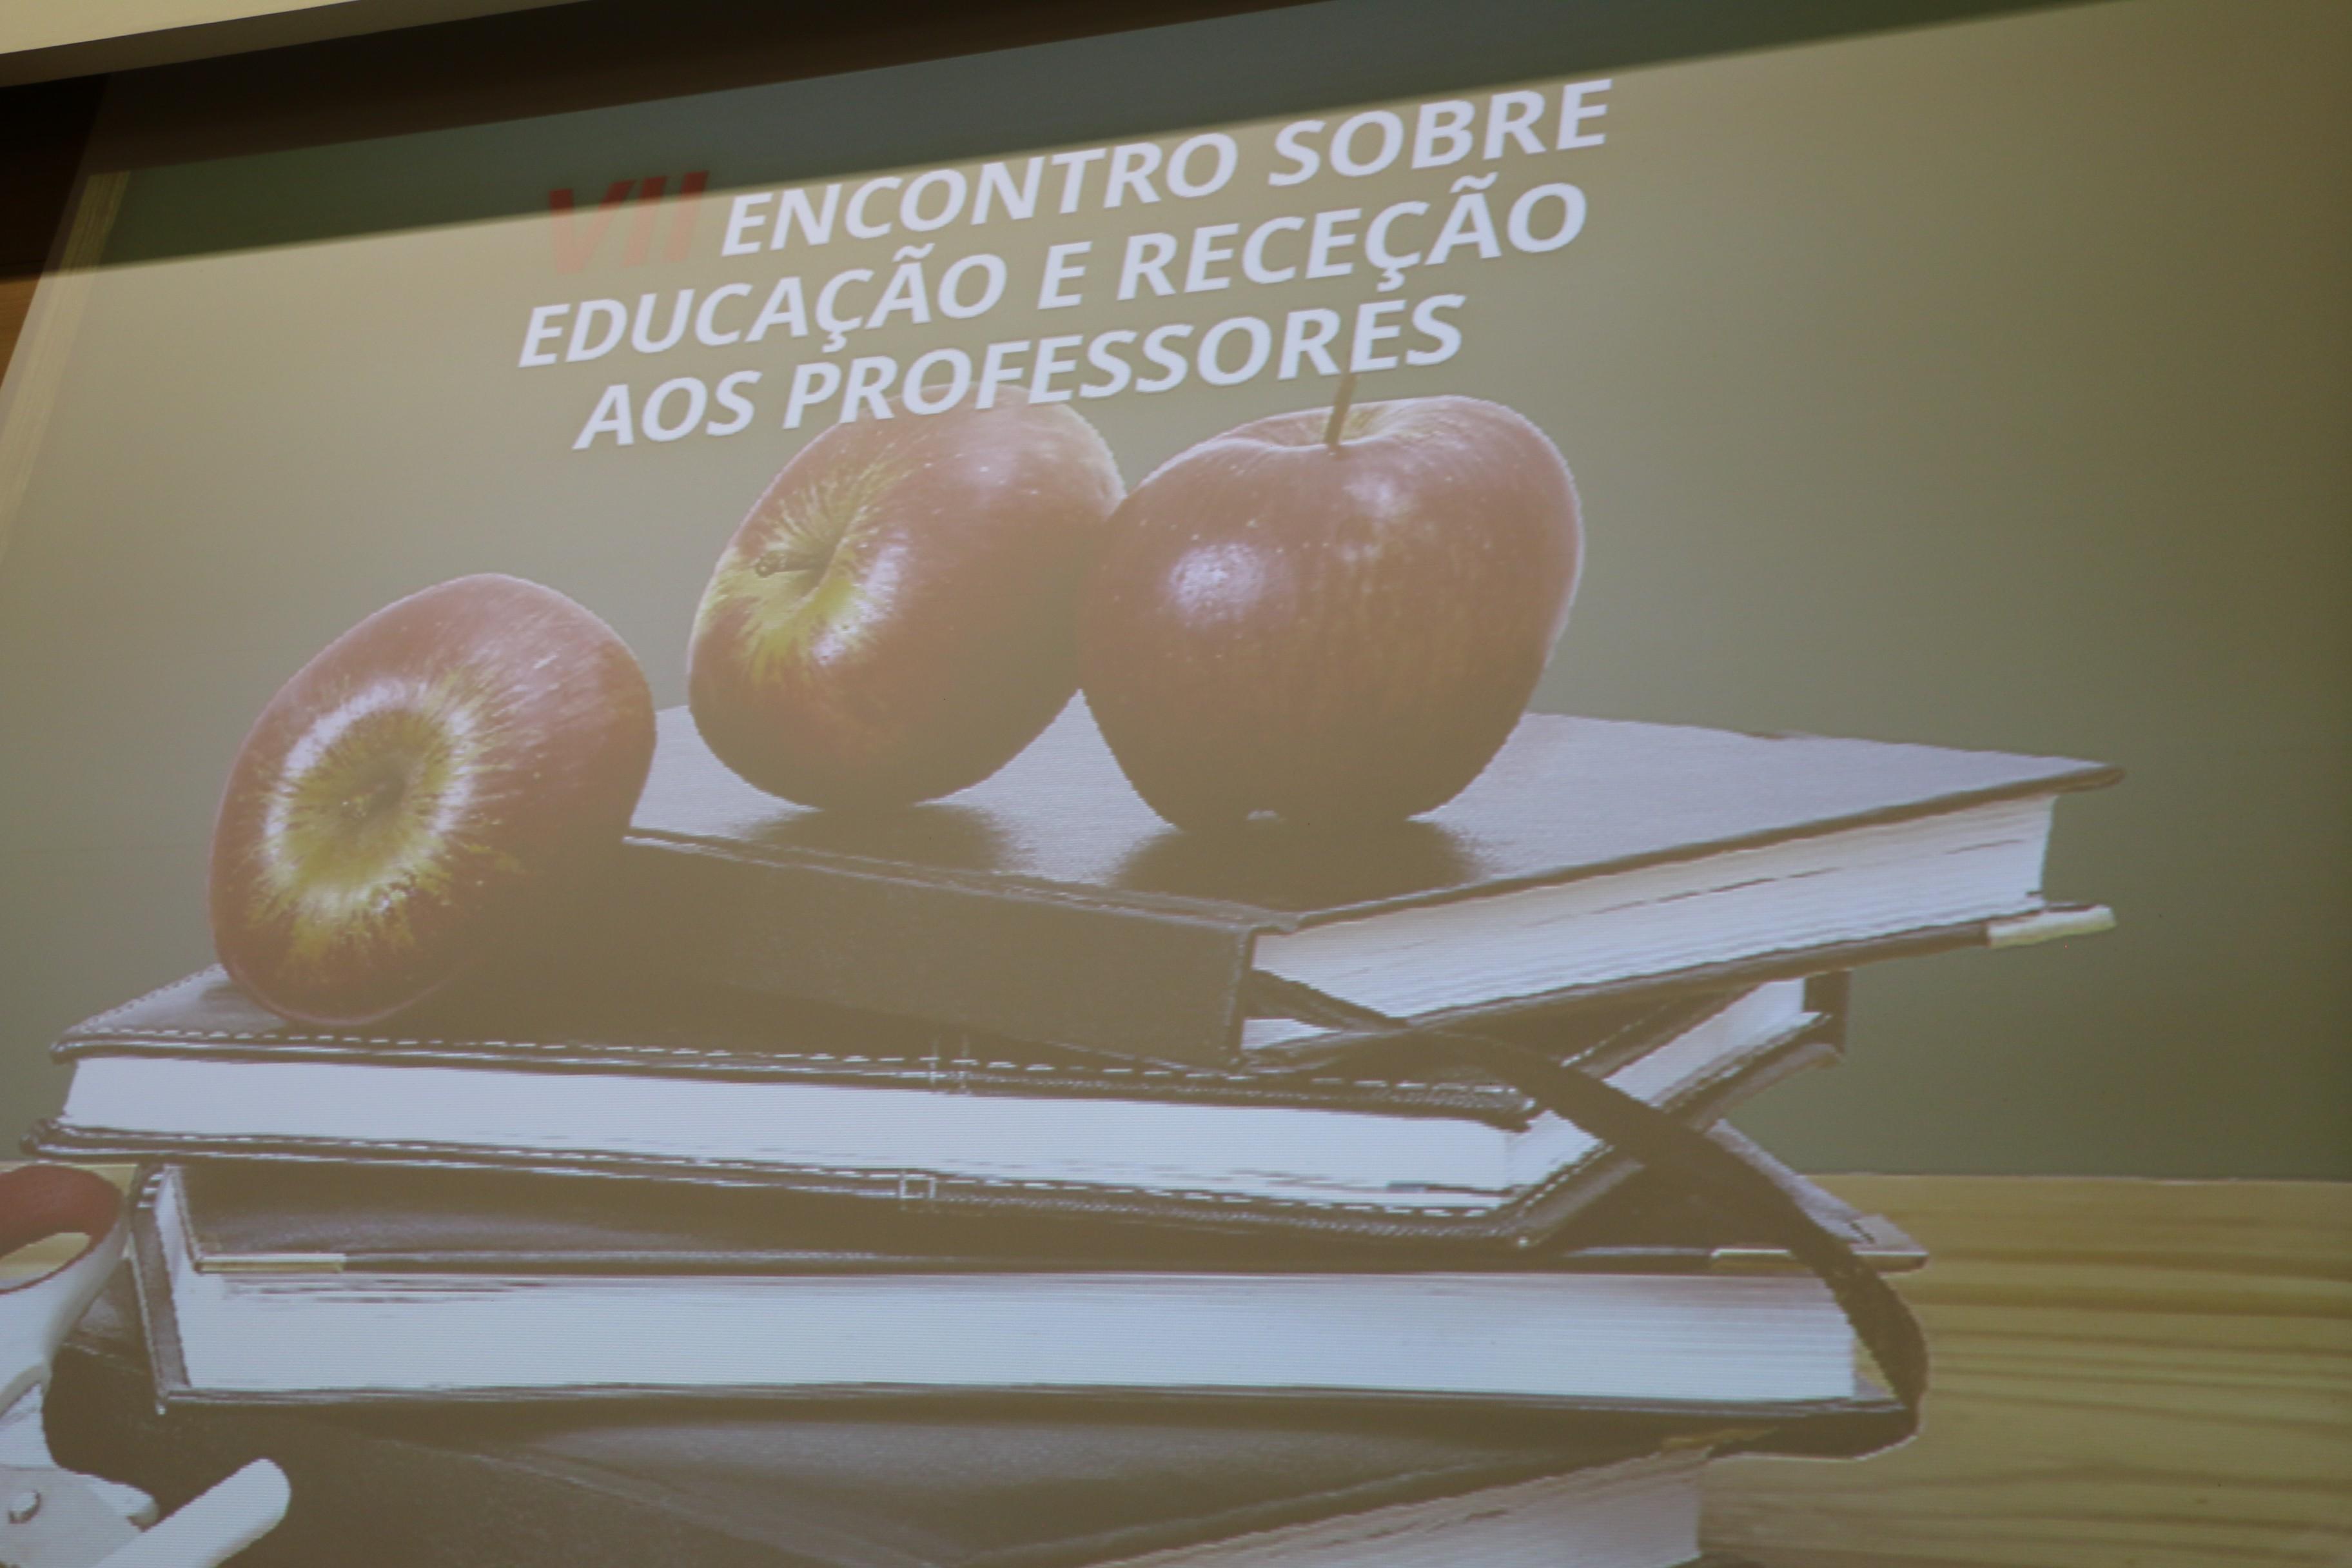 receção professores